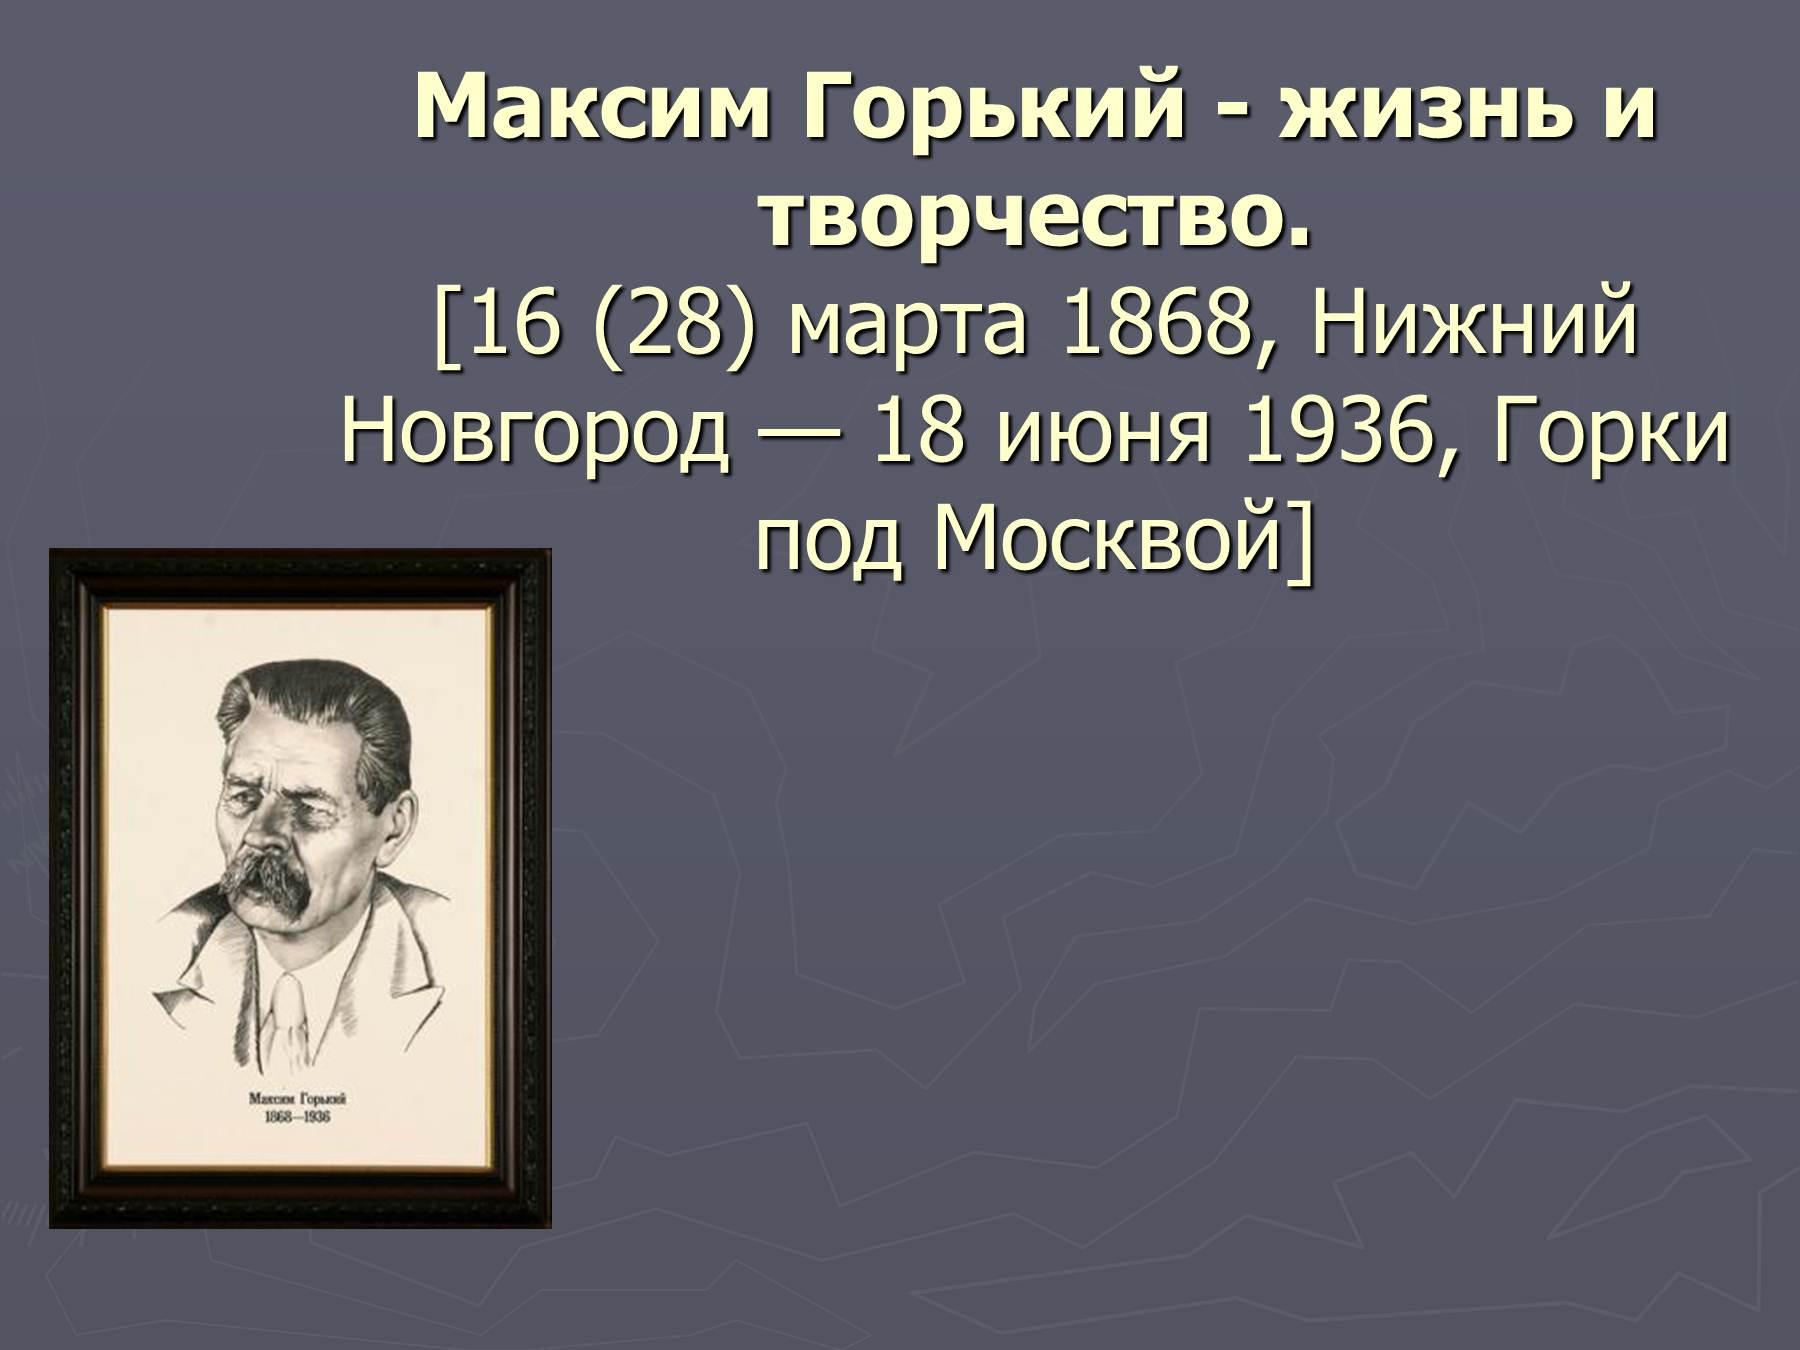 Сочинения по литературе серебряного века